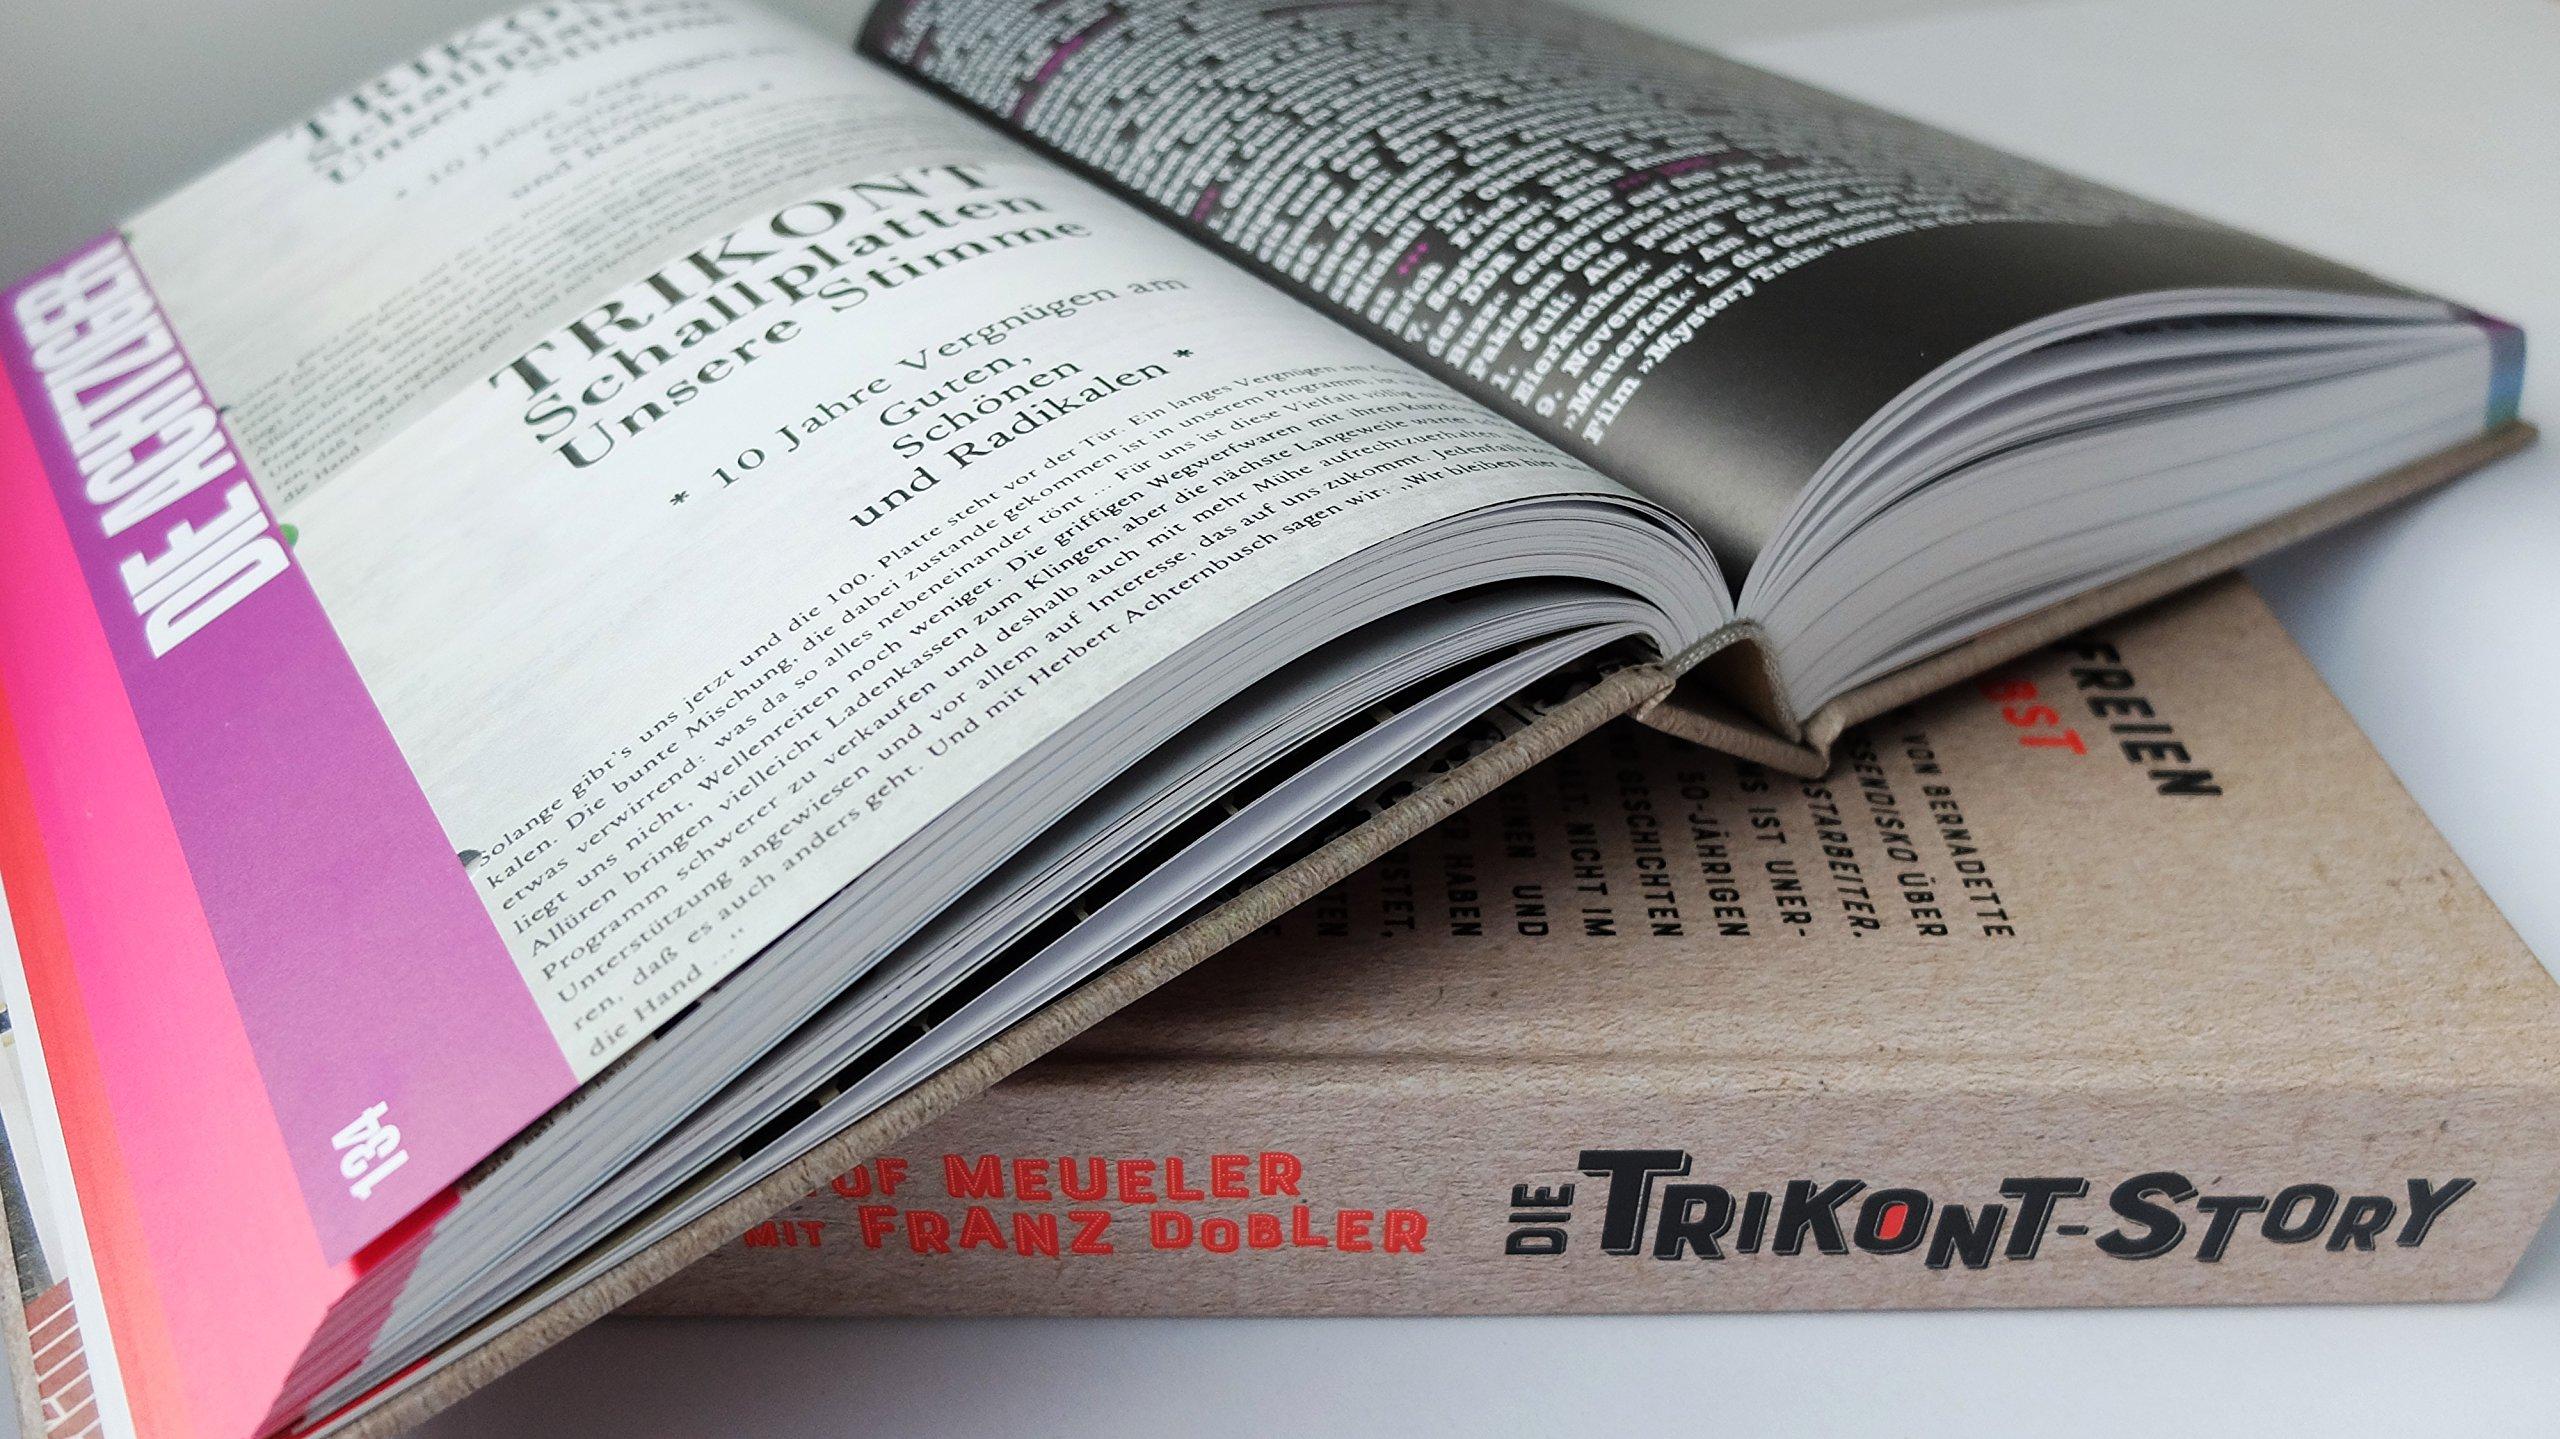 Die Trikont-Story - Musik, Krawall und andere schöne Künste 1